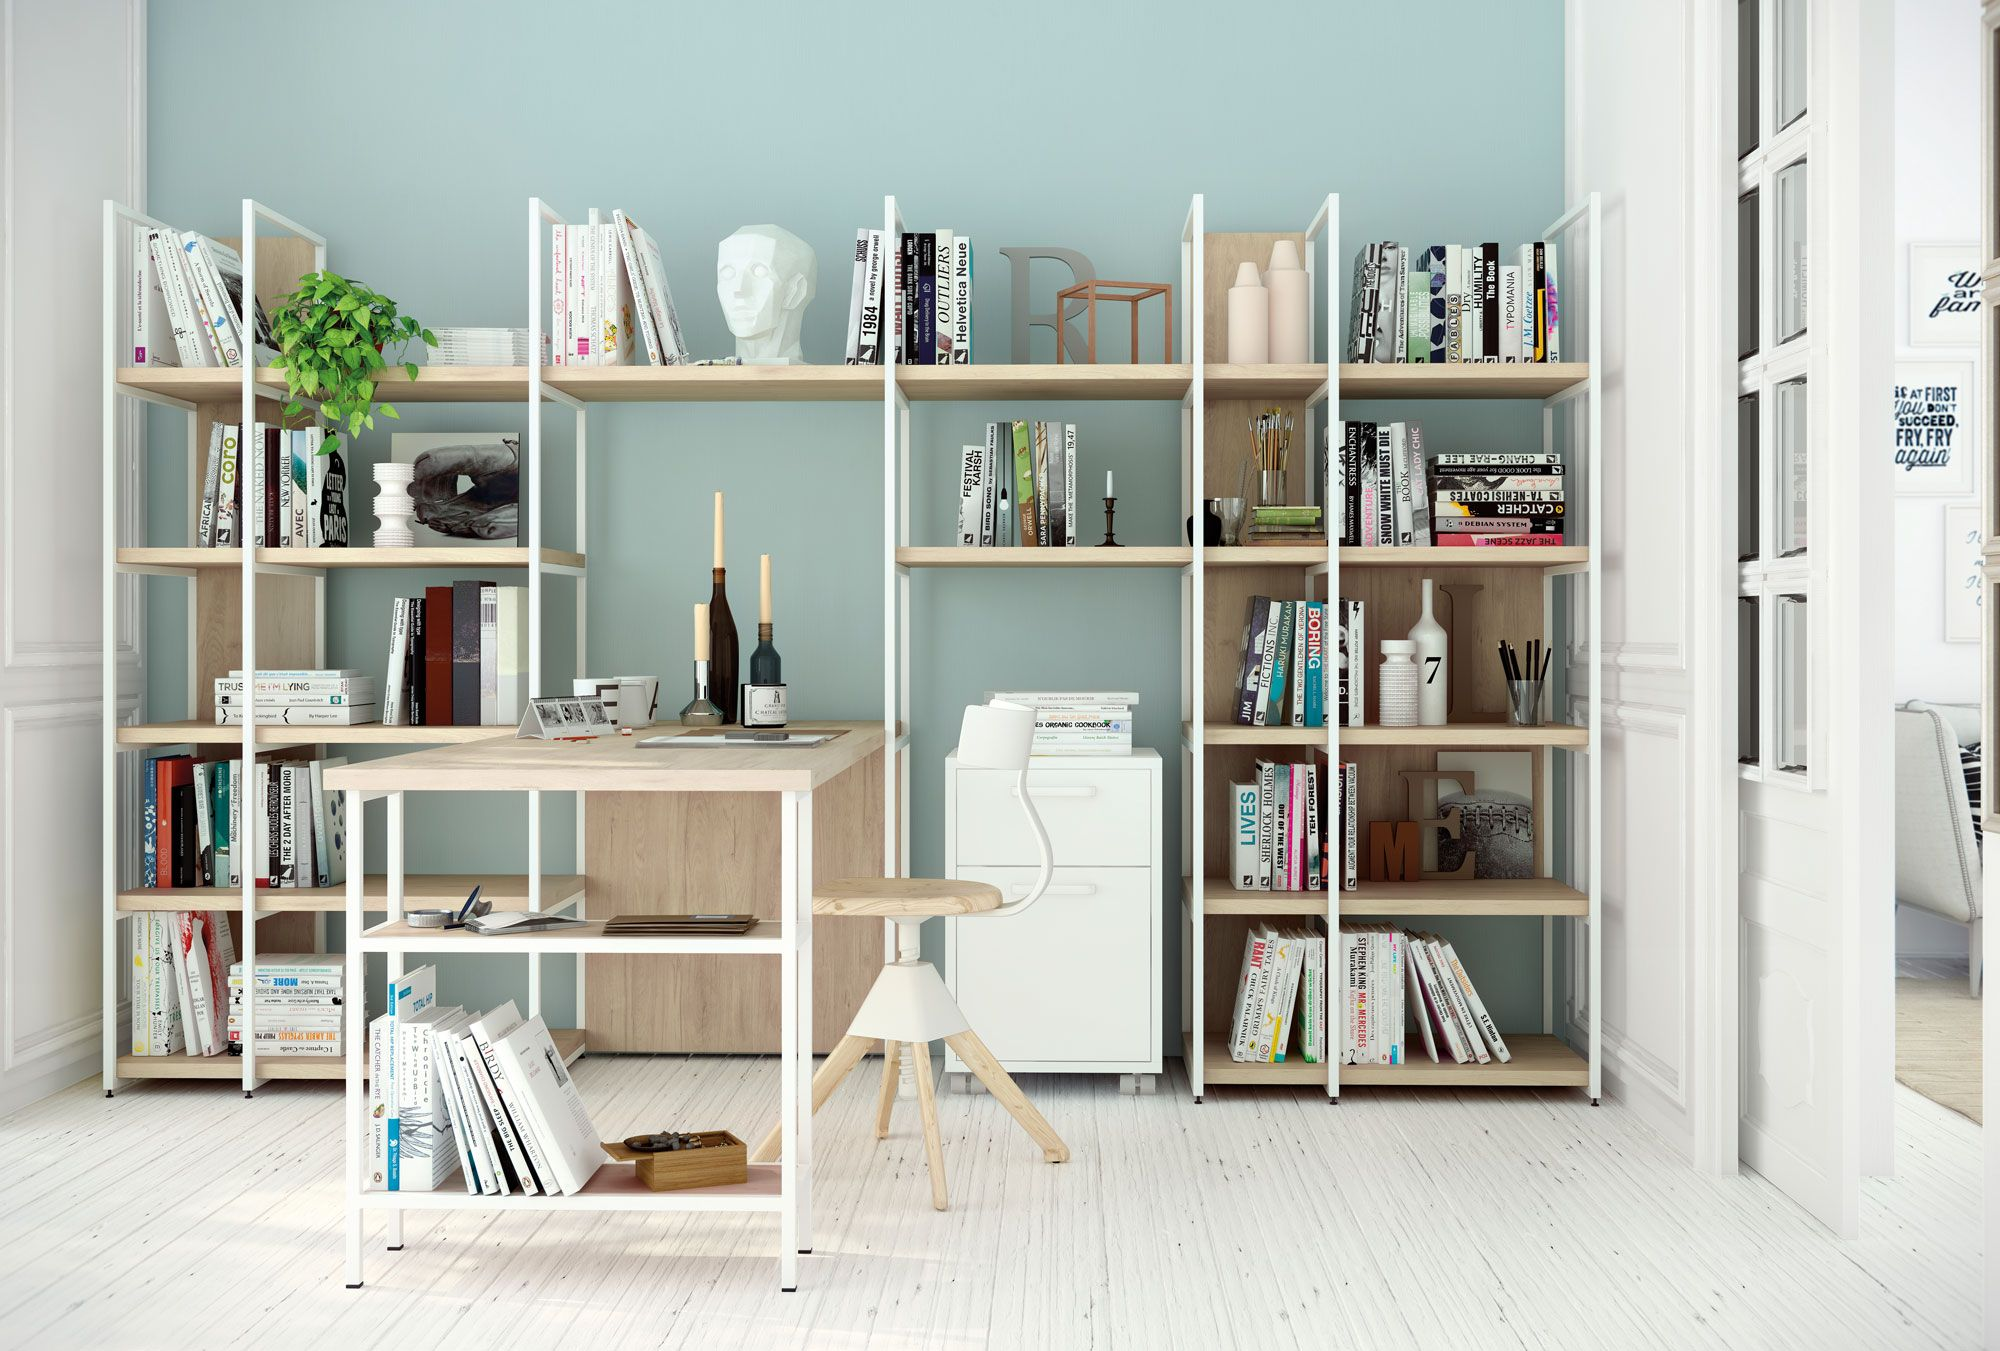 Espacio de trabajo estanter a con mesa de trabajo escritorio inspiraci n de estilo n rdico en - Decoracion de estanterias ...